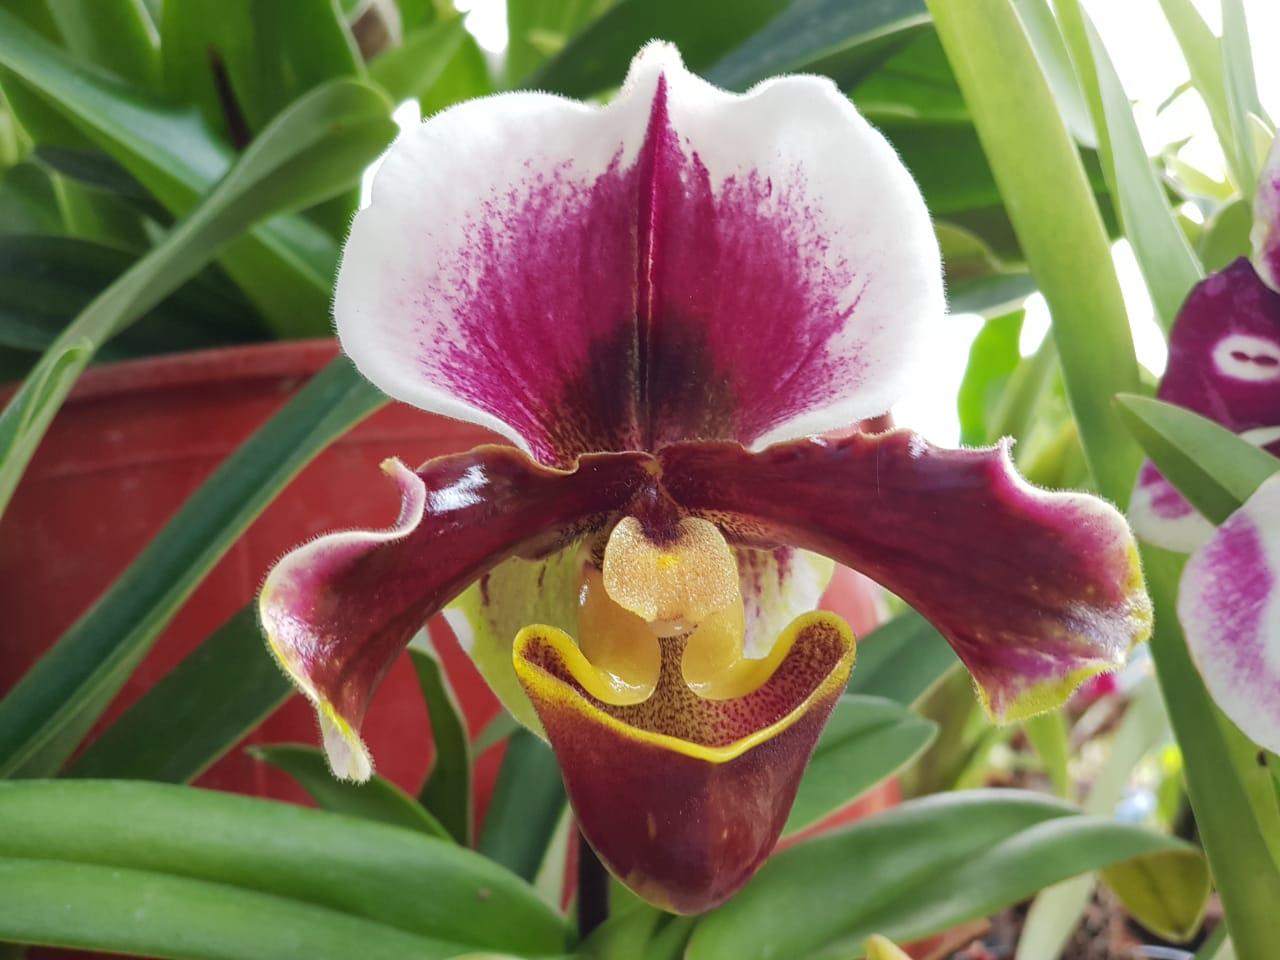 Los dioses del parnaso de la Amazonía sembraron su magia en las flores del Caquetá